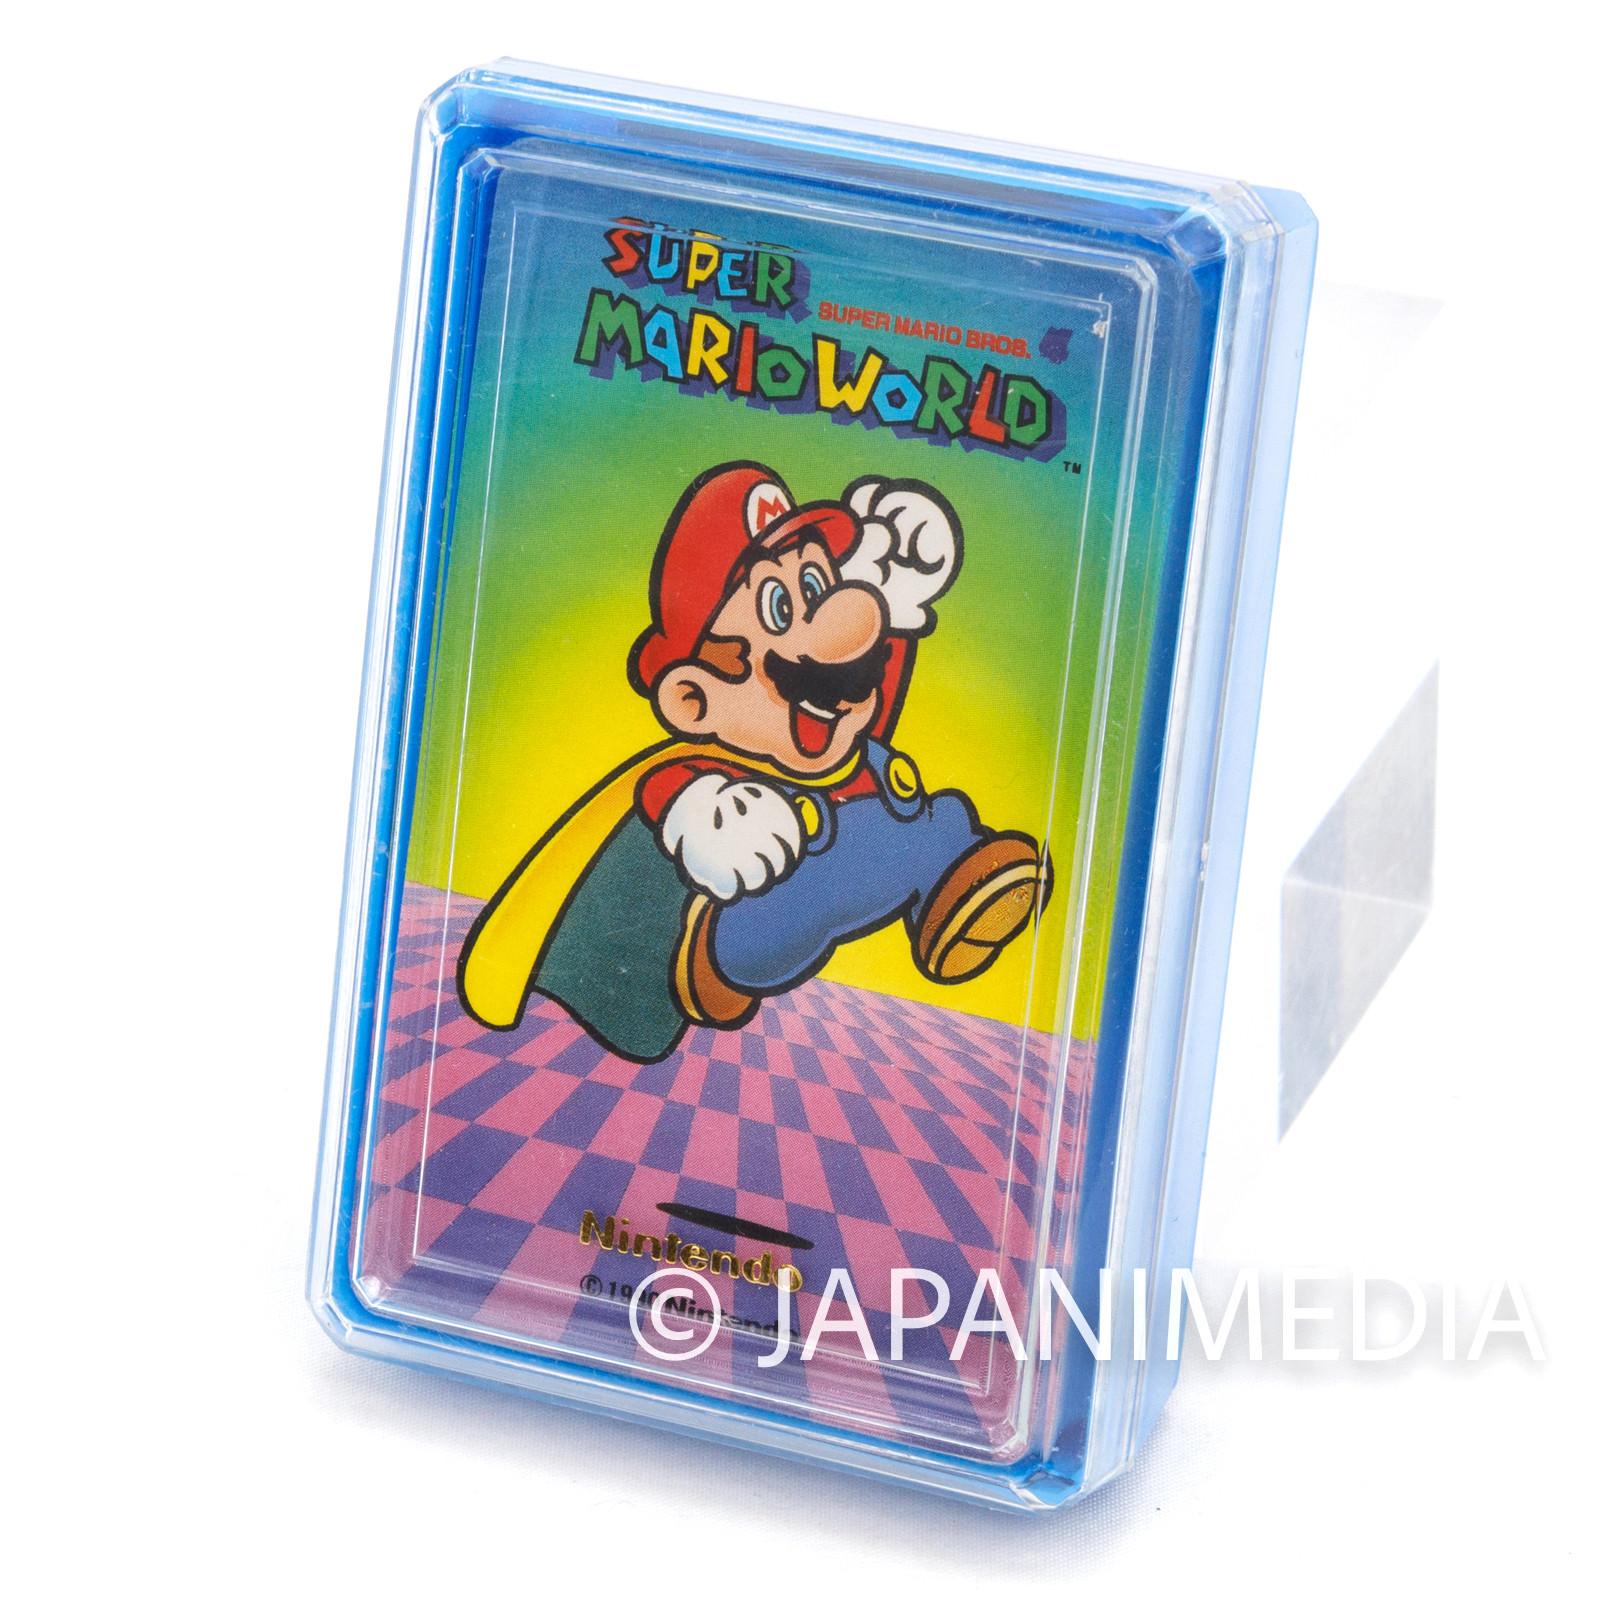 Retro RARE Super Mario World Trump Playing Cards Nintendo JAPAN FAMICOM 3